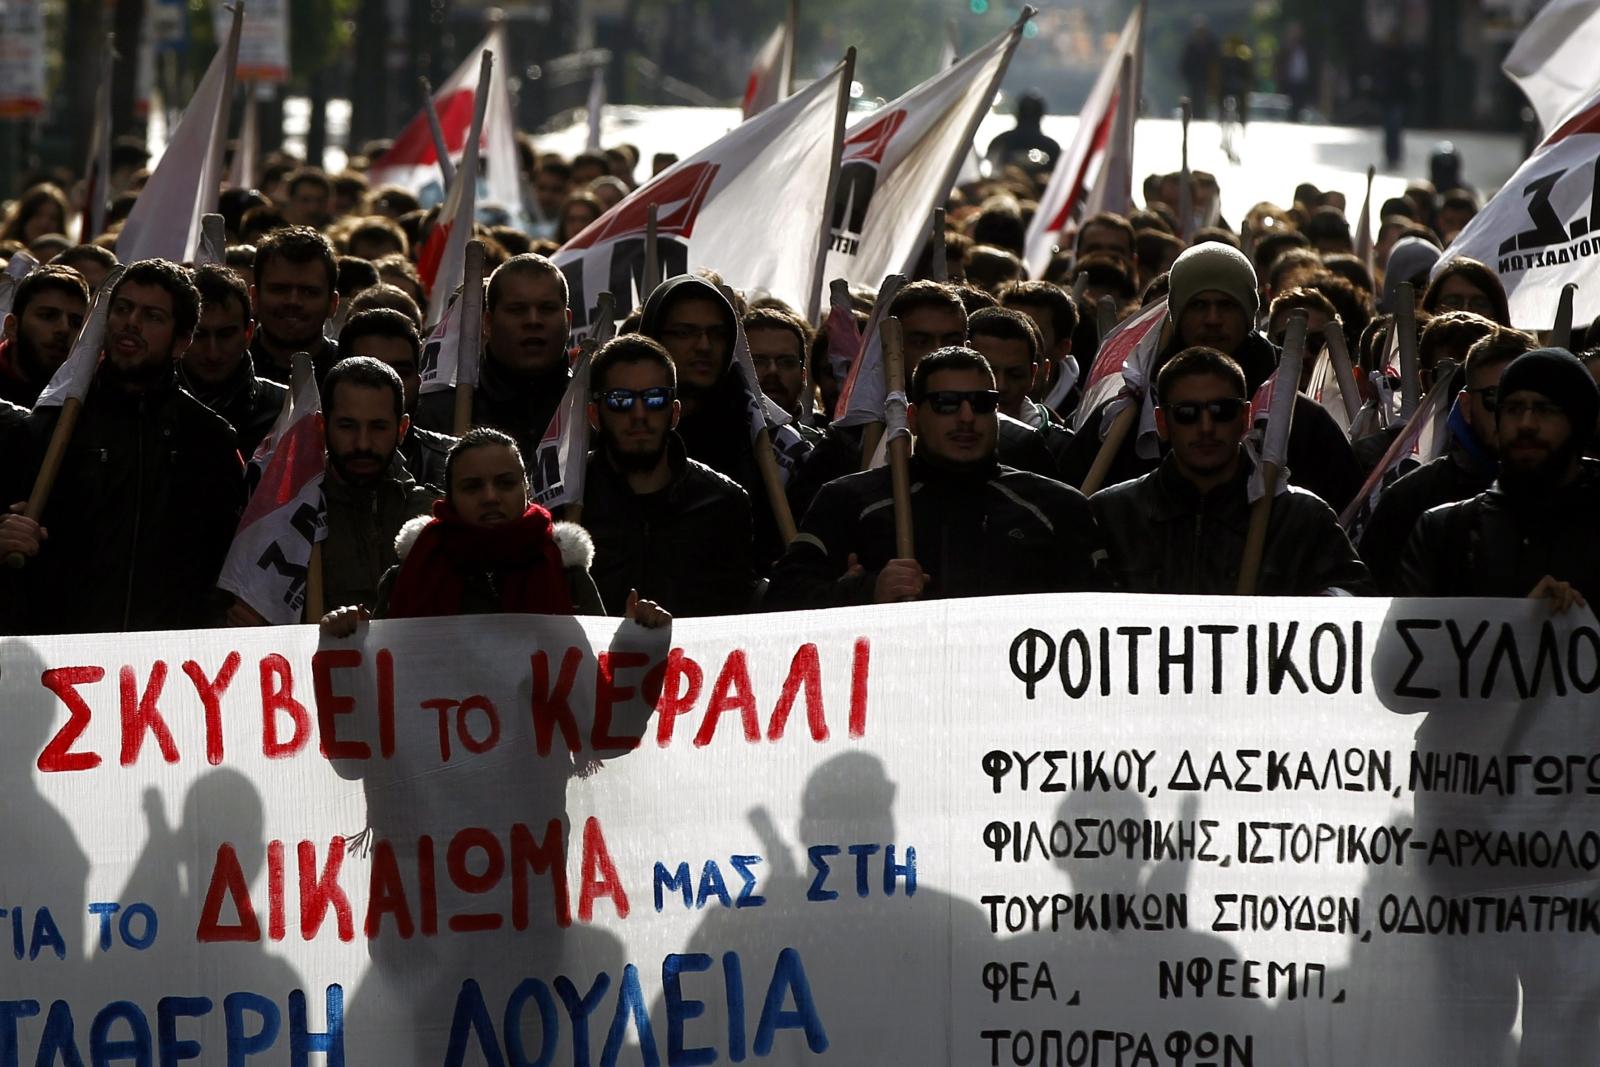 24-godzinny strajk w Grecji przeciwko polityce oszczędnościowej. Fot. PAP/EPA/ALEXANDROS VLACHOS